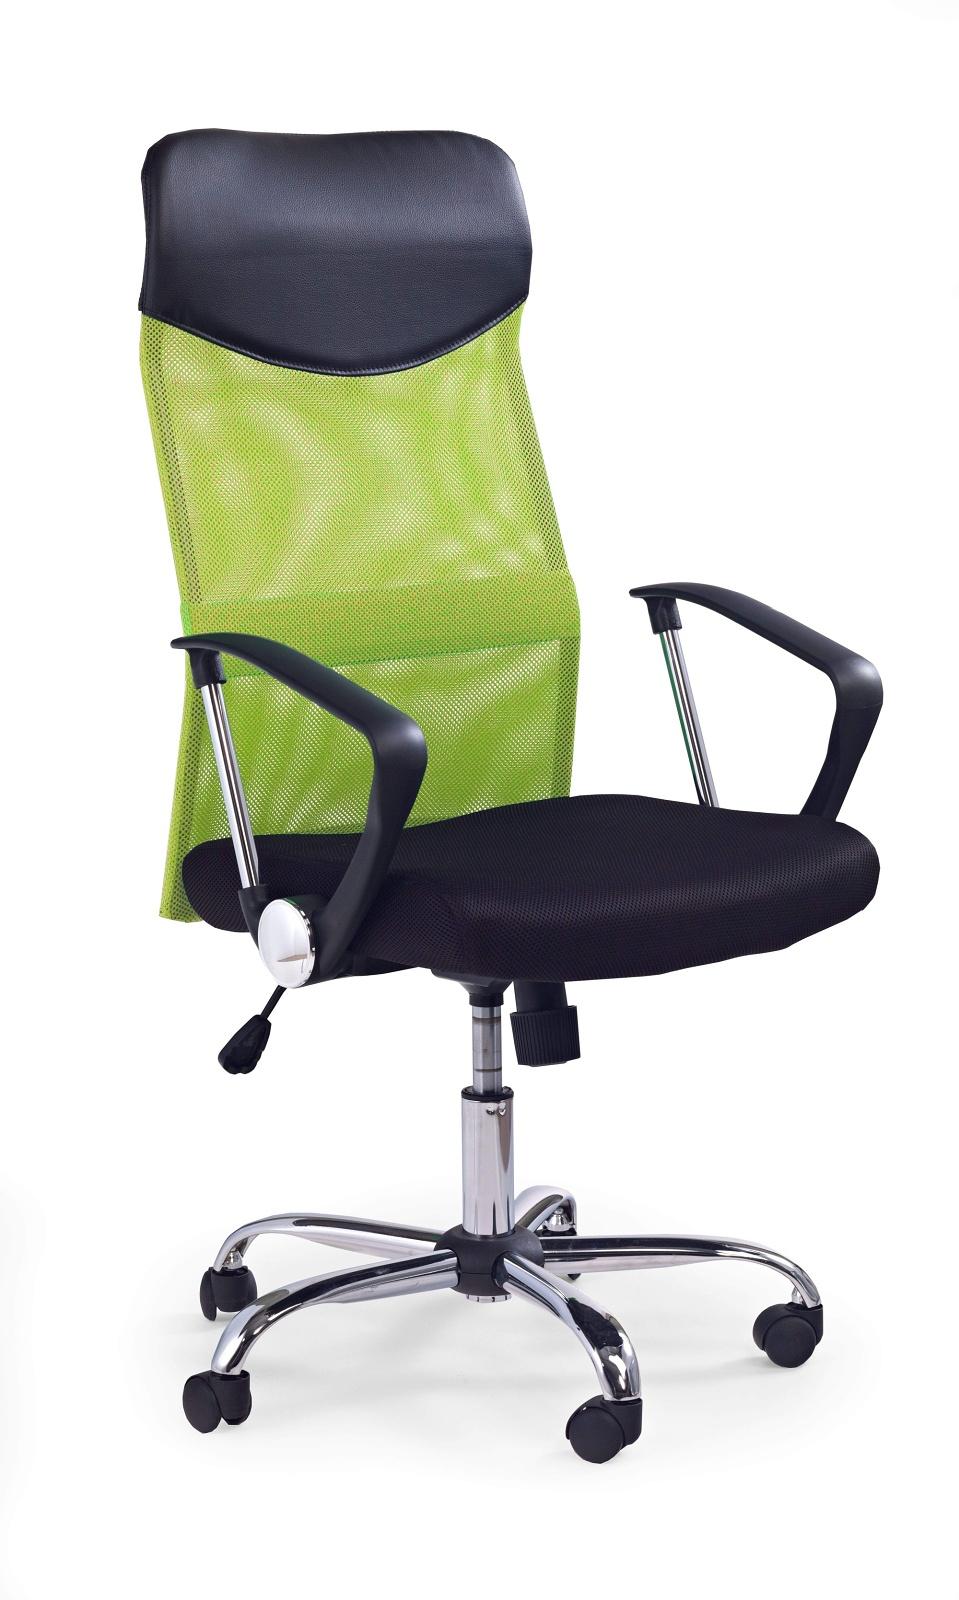 Kancelářská židle - Halmar - Vire zelená